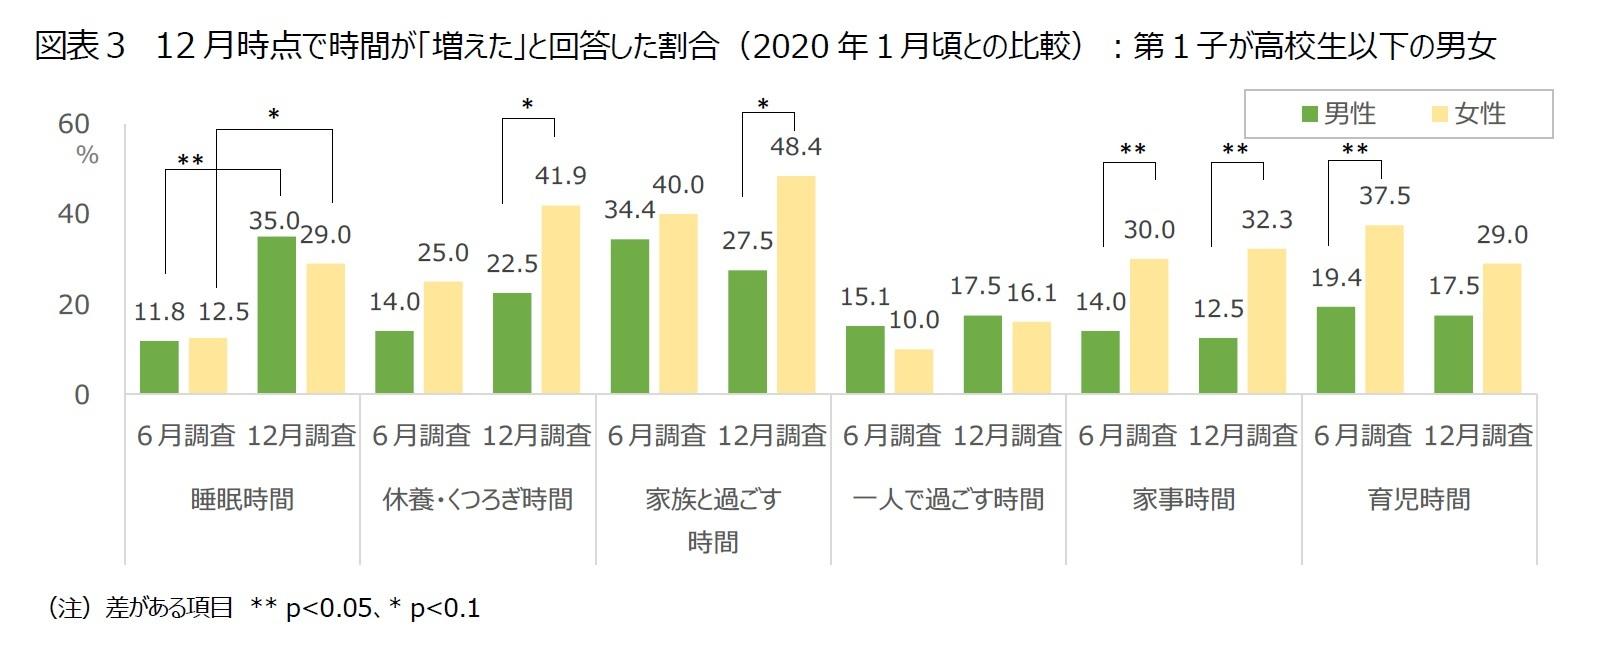 図表3 12月時点で時間が「増えた」と回答した割合(2020年1月頃との比較):第1子が高校生以下の男女